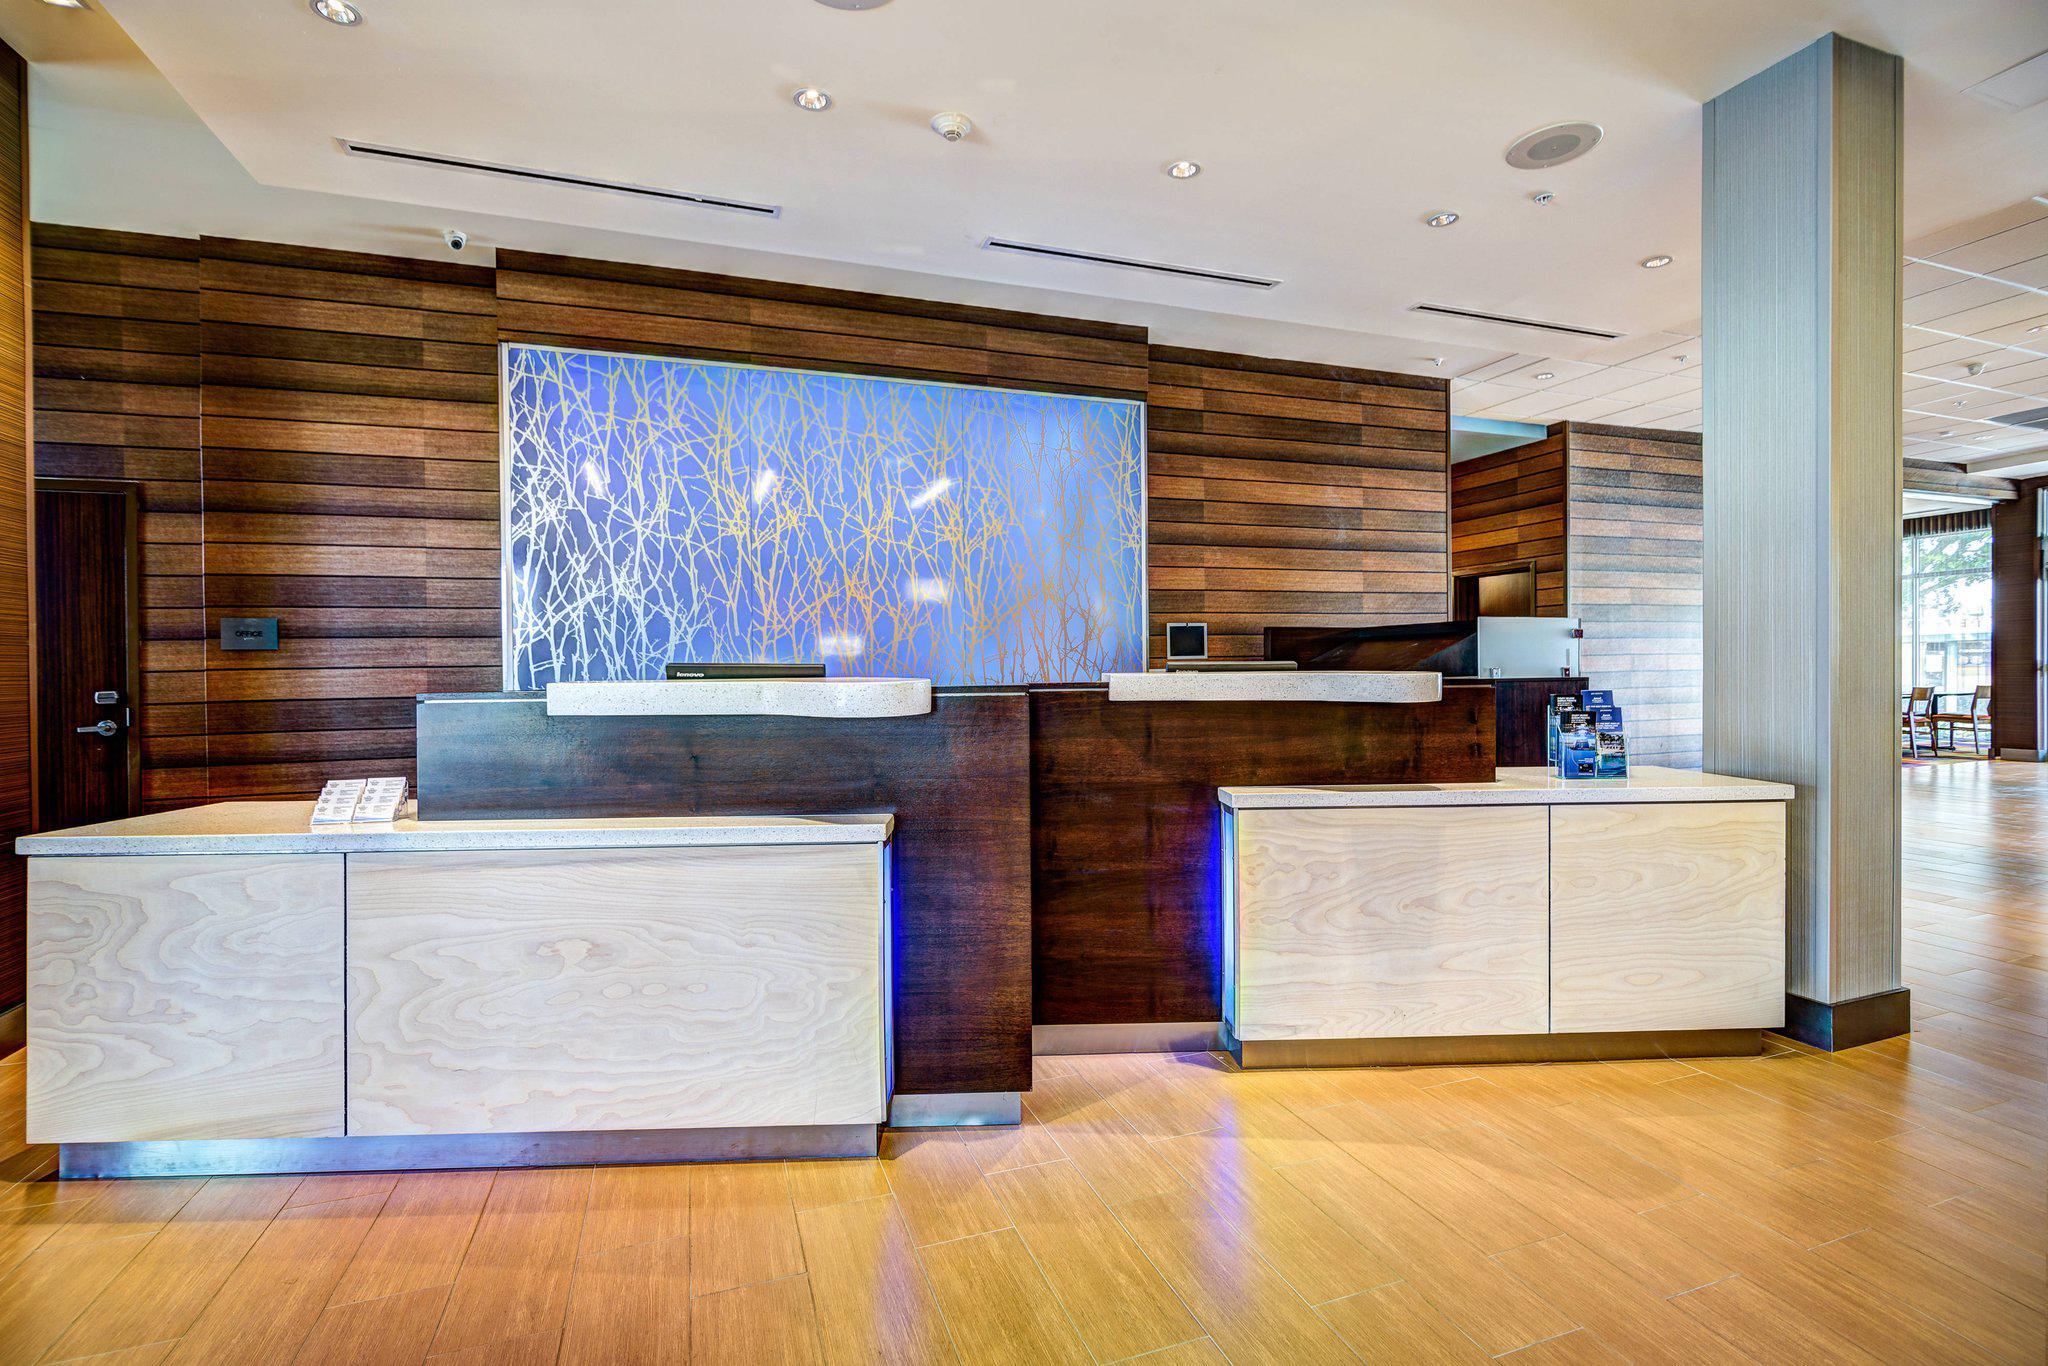 Fairfield Inn & Suites by Marriott Delray Beach I-95